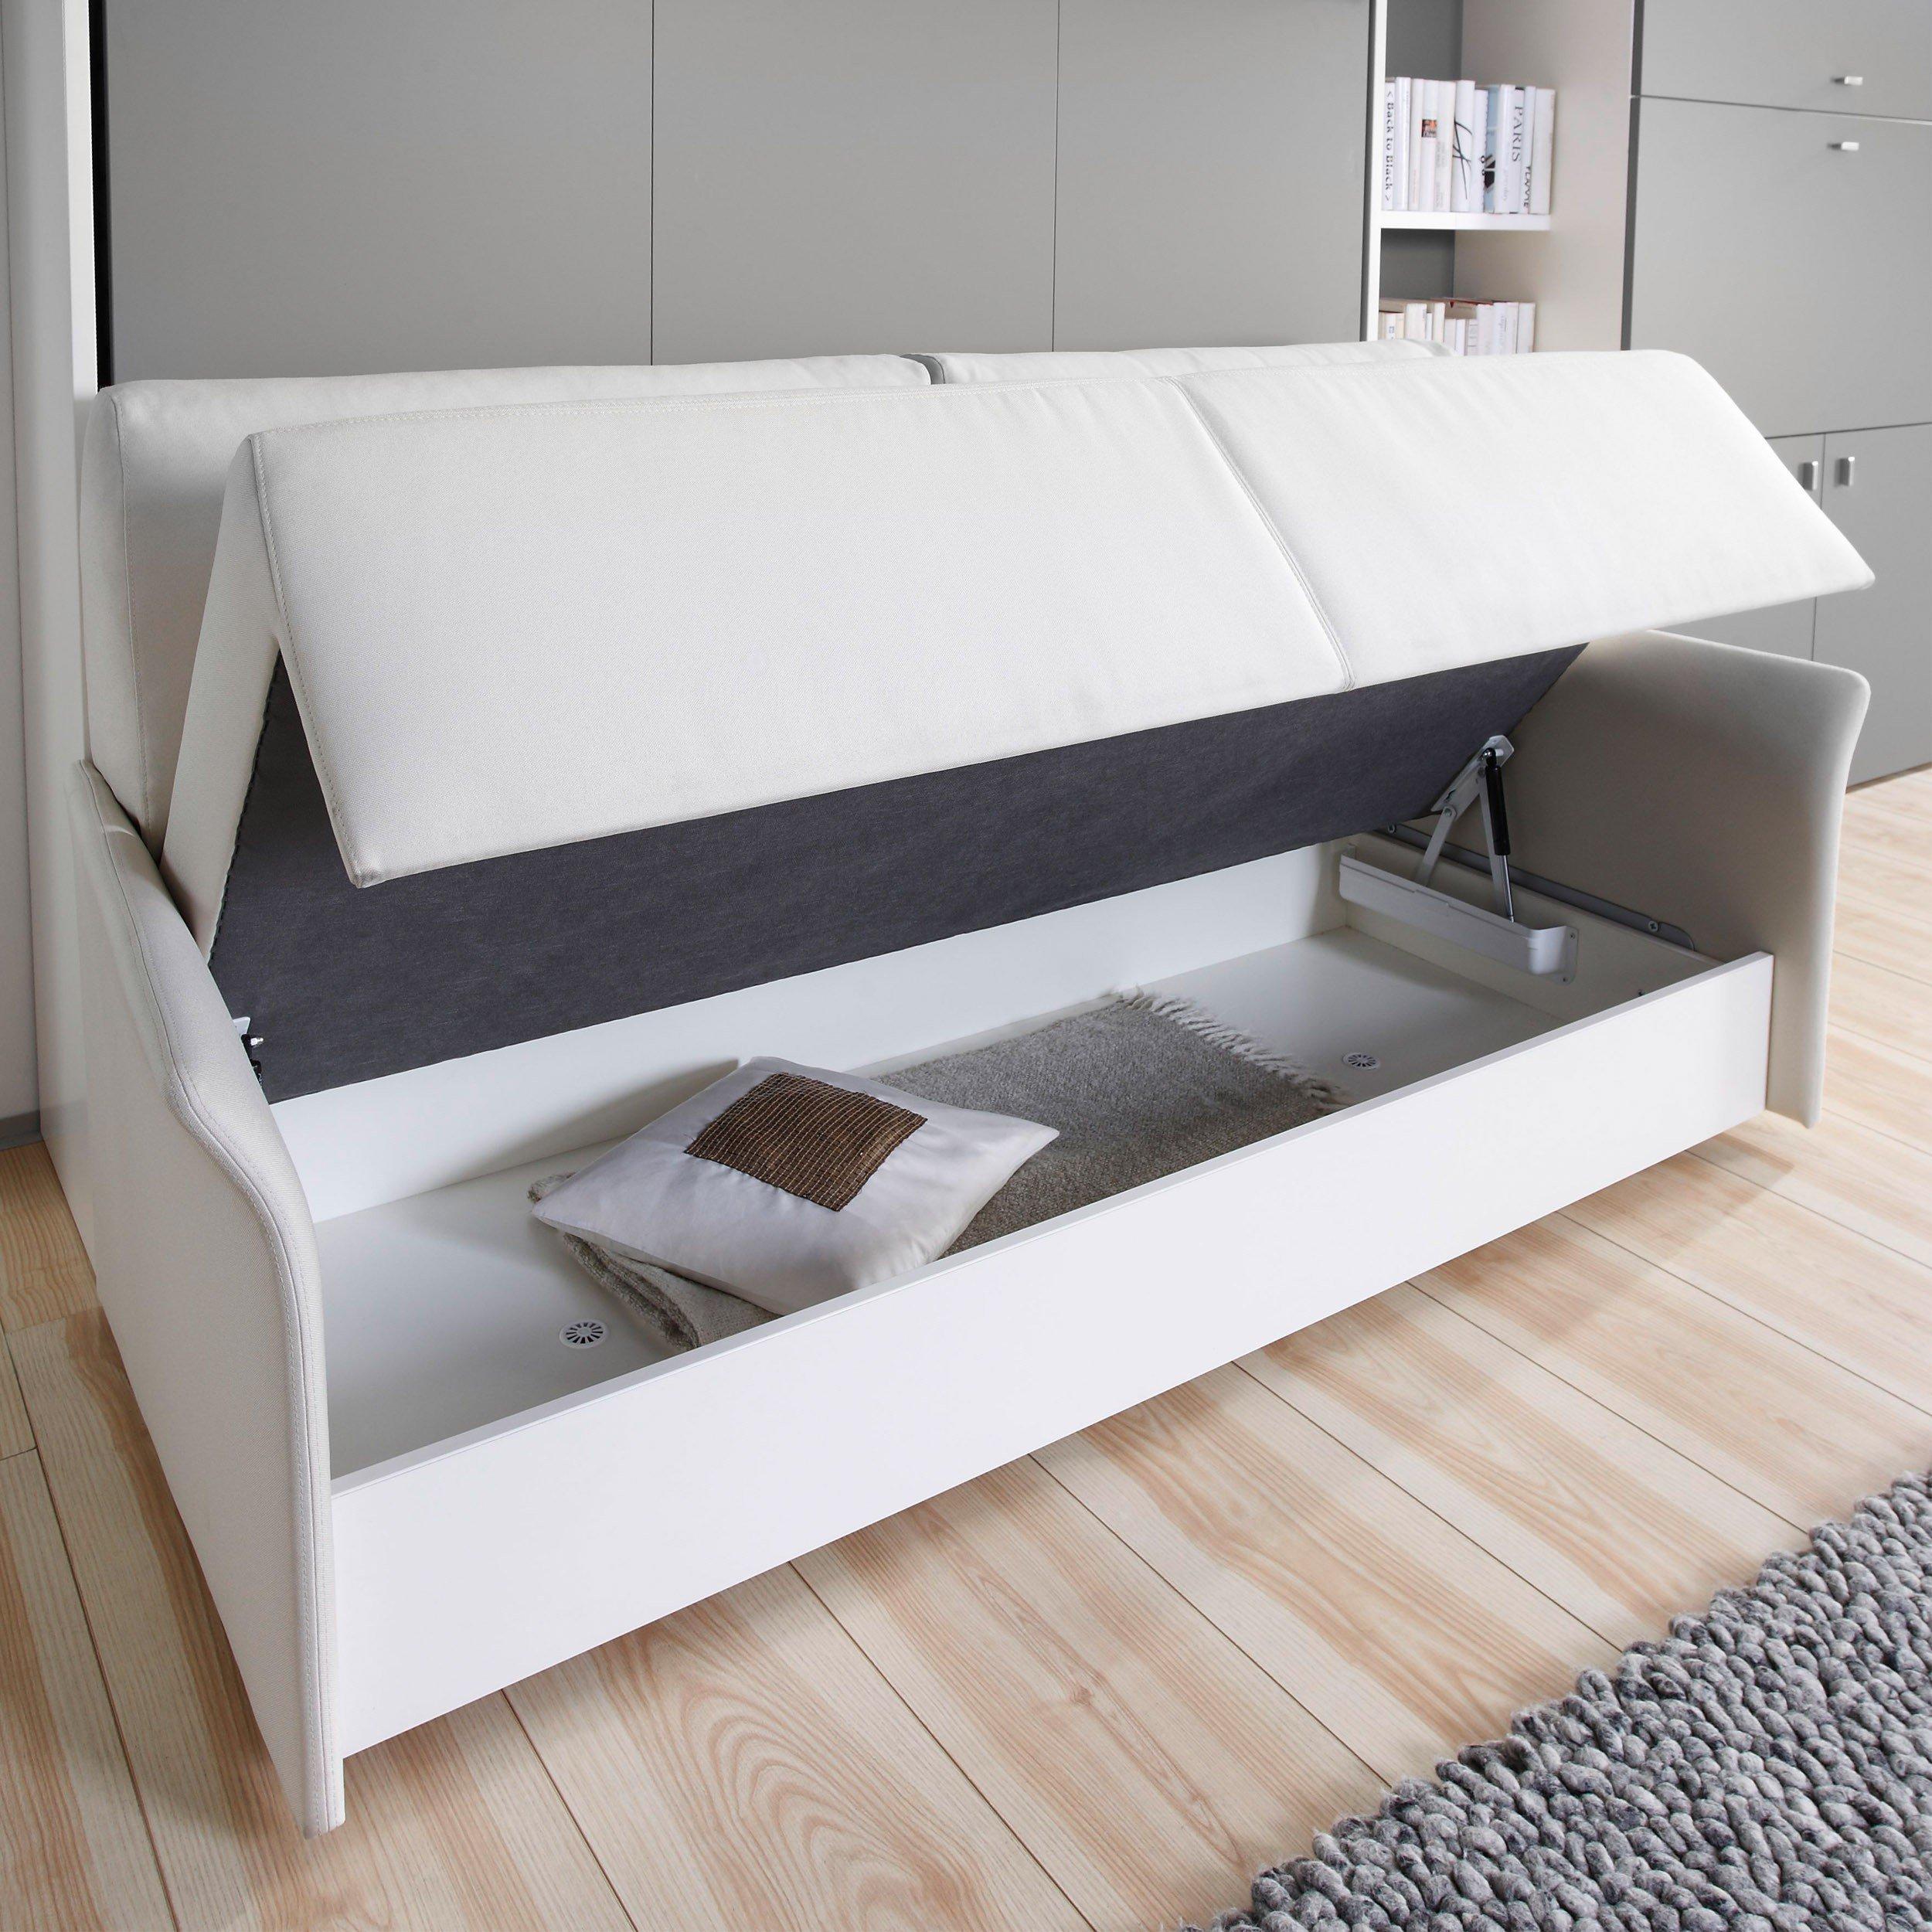 Nehl 2weiraumwunder Schrankbett mit Sofa | Möbel Letz - Ihr Online ...